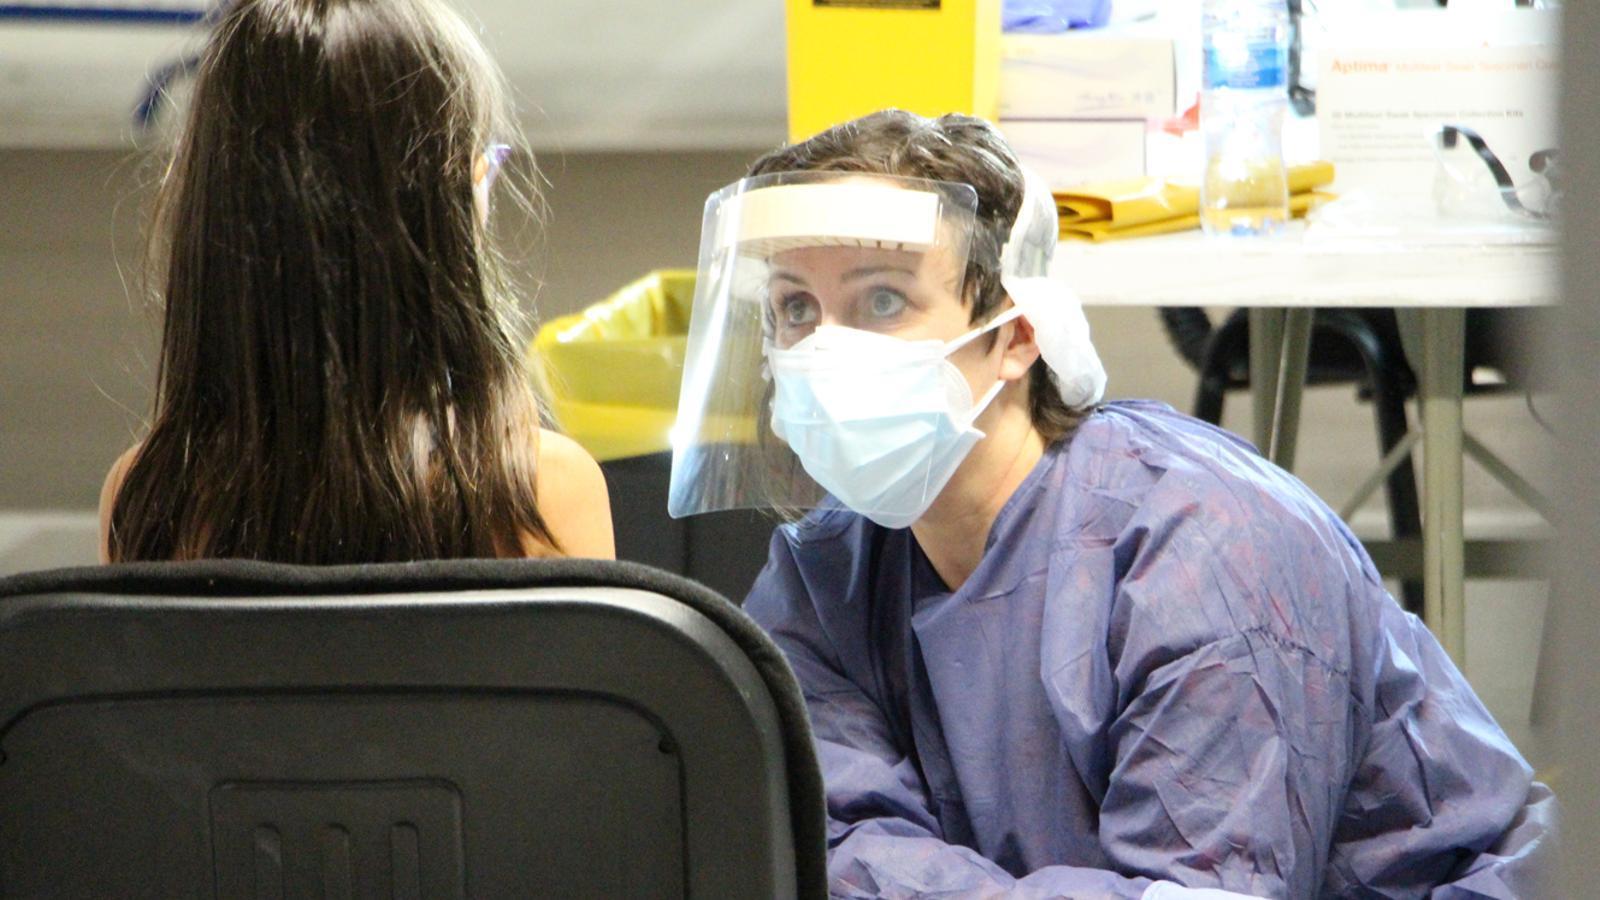 Un infant fent-se el test TMA a l''stop lab' d'Andorra la Vella. / M. P. (ANA)